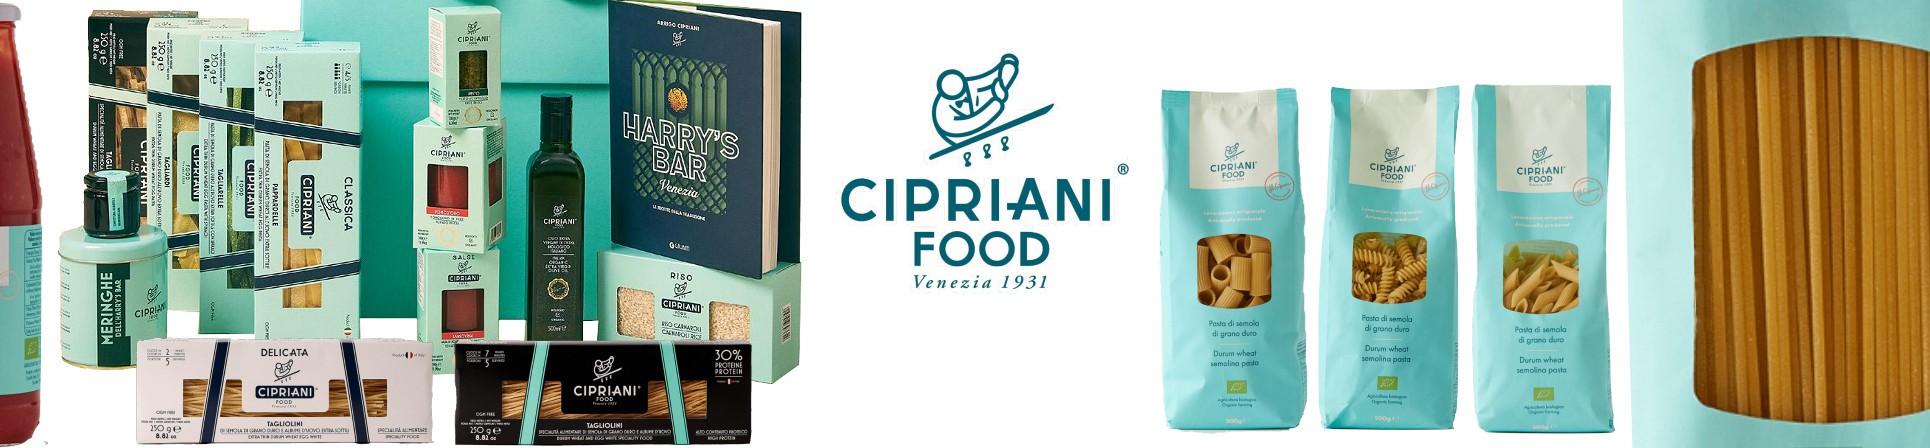 pasta artigianale all'uovo vendita online - Cipriani Food